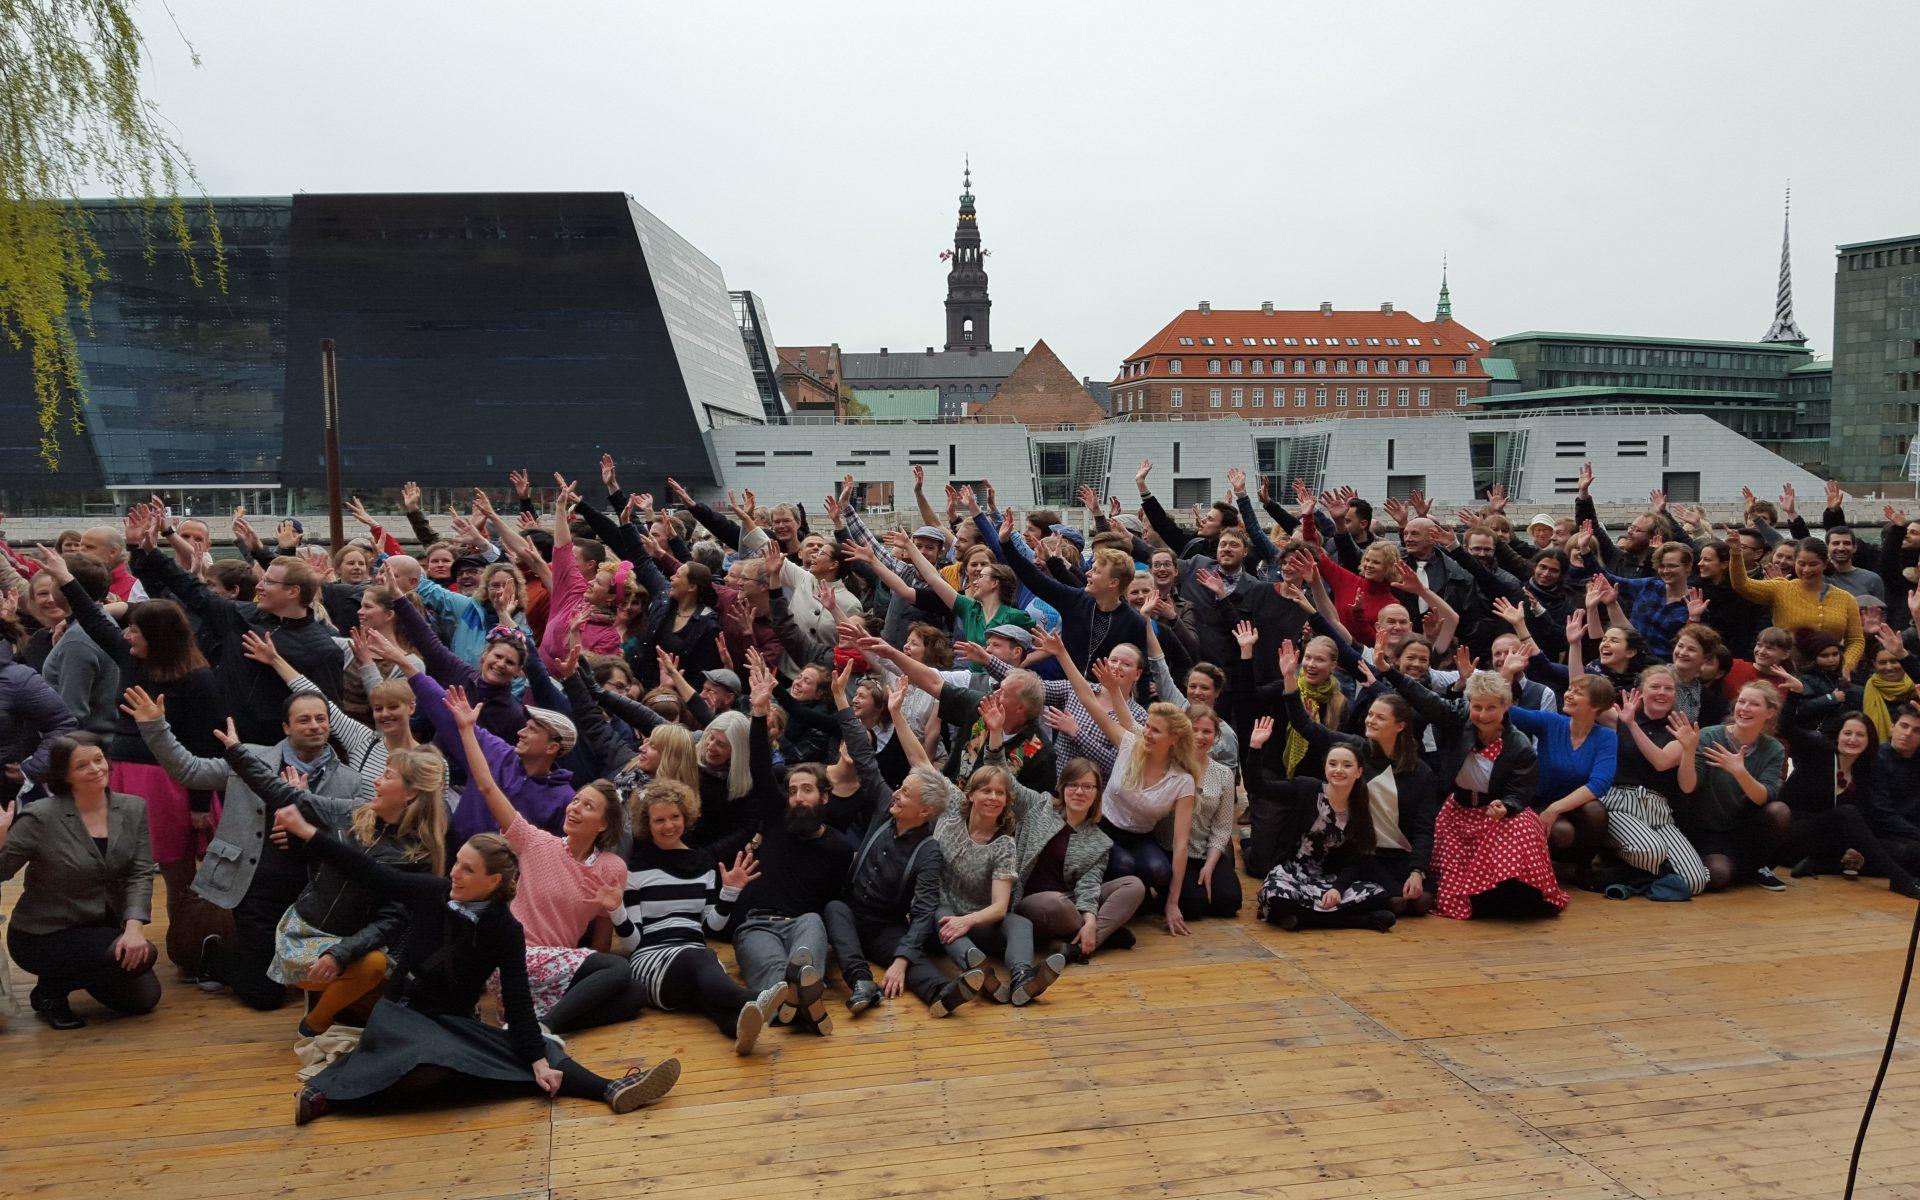 kulturhavn365_swingfest-paa-cirkelbroen07